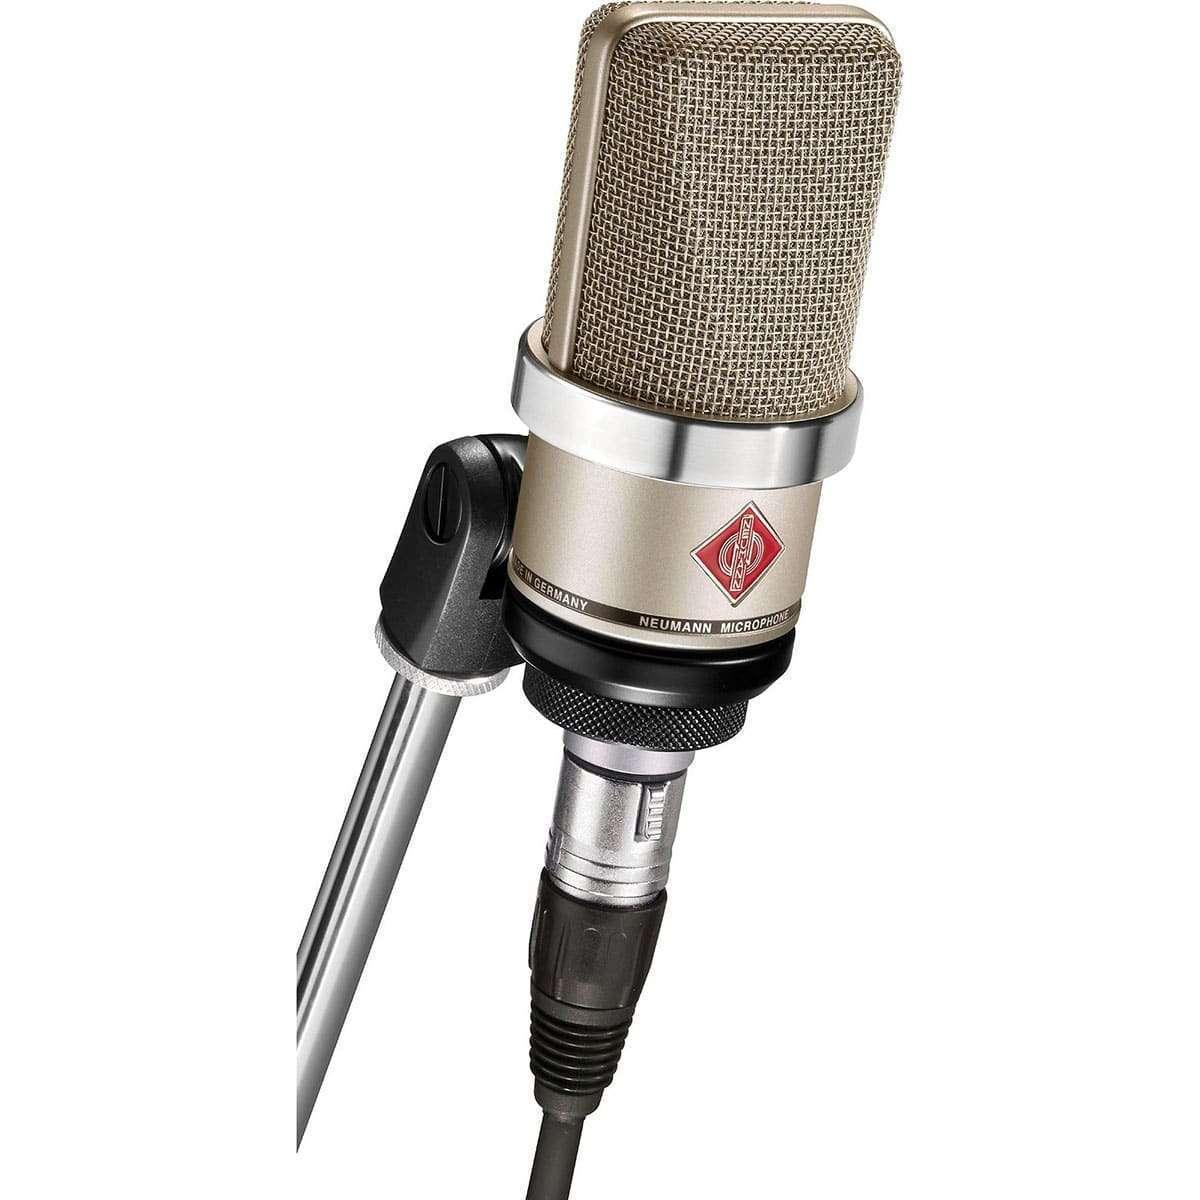 Neumann TLM 102 box 01 Microfoni a Condensatore, Microfoni professionali, Strumentazioni Pro Audio per studi di registrazione